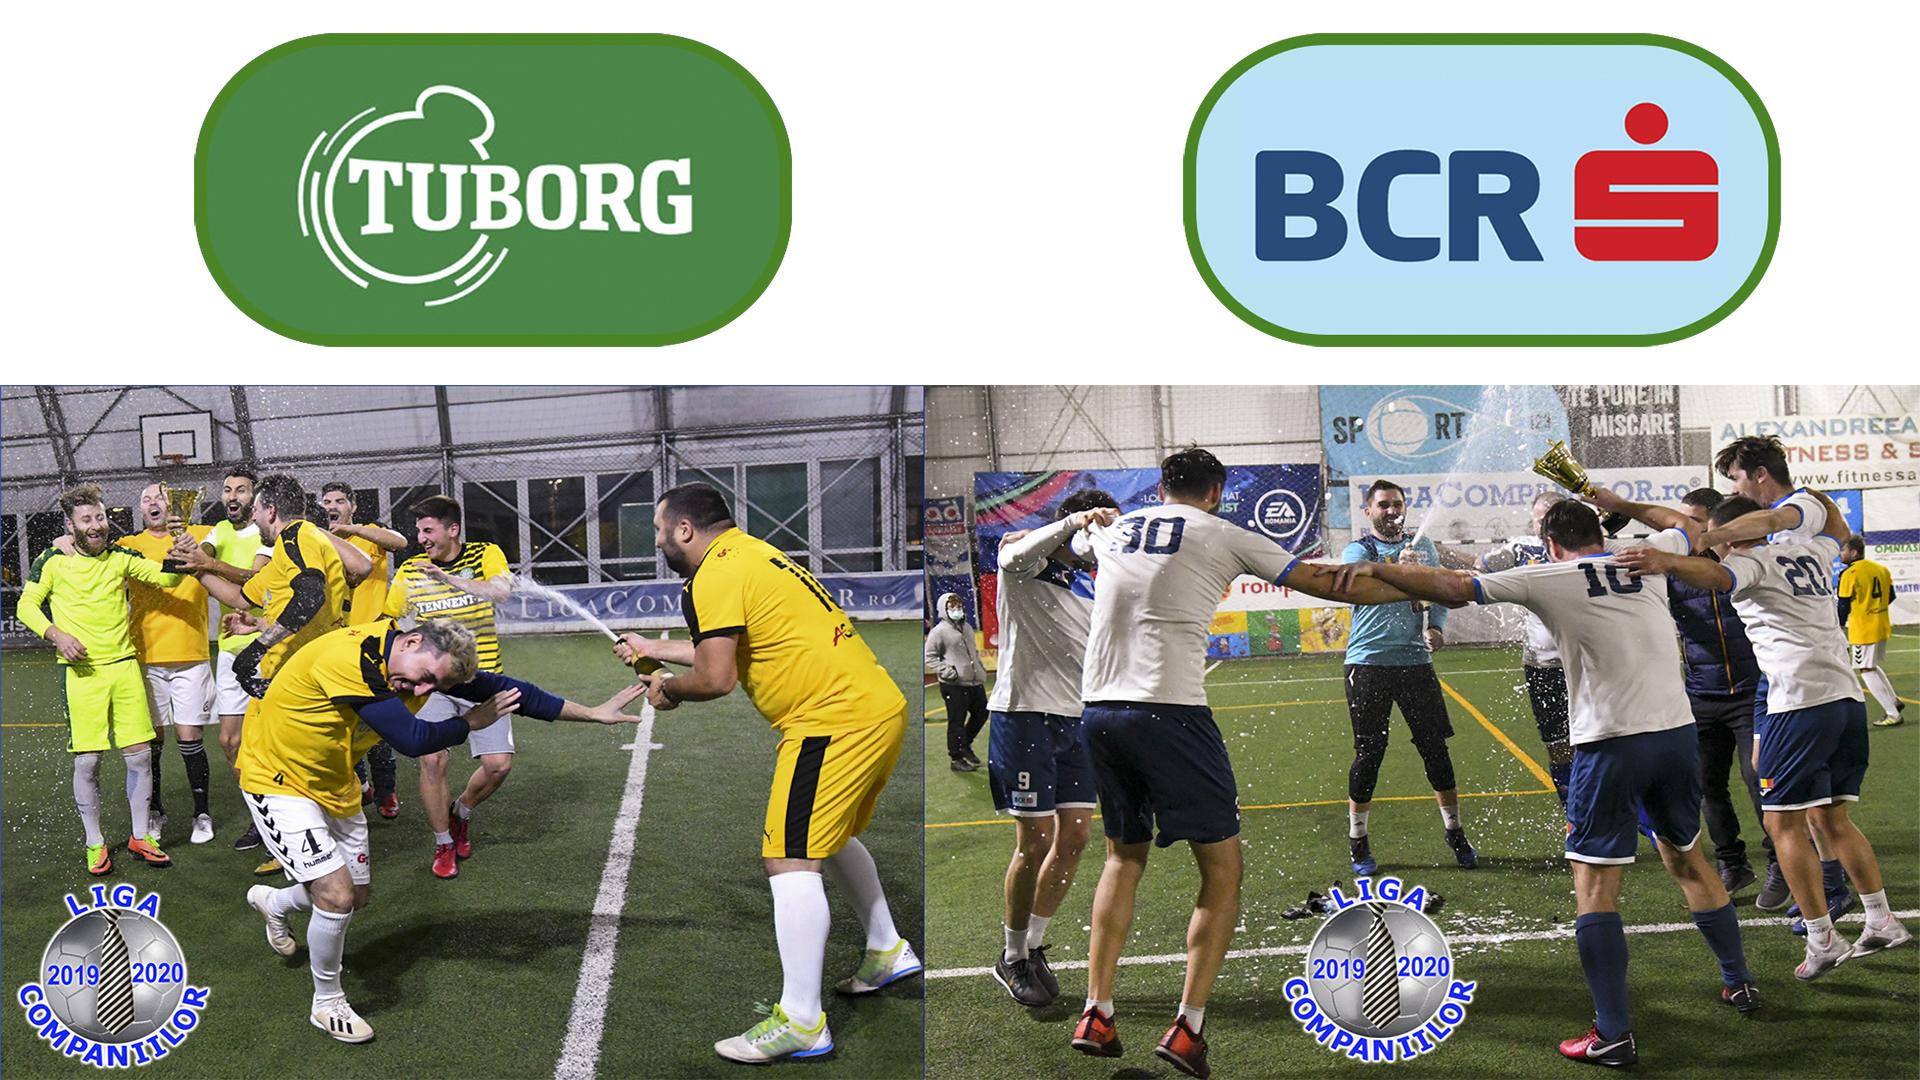 2.Liga: BCR revine la șefia Play-off, Tuborg triumfă în Turneu